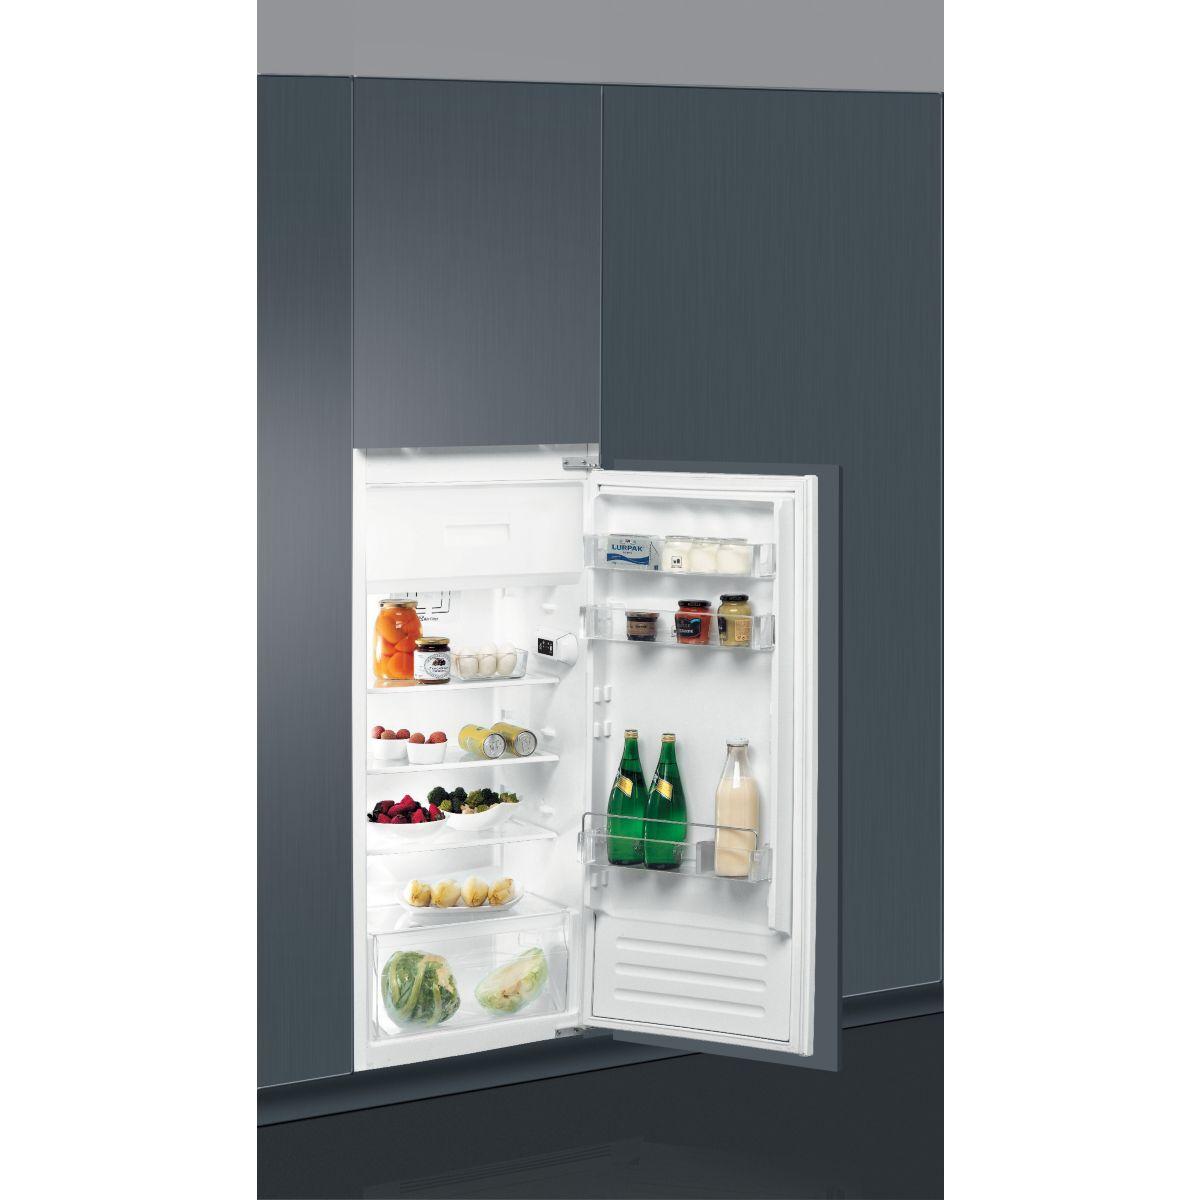 Réfrigérateur encastrable WHIRLPOOL ARG865/A+